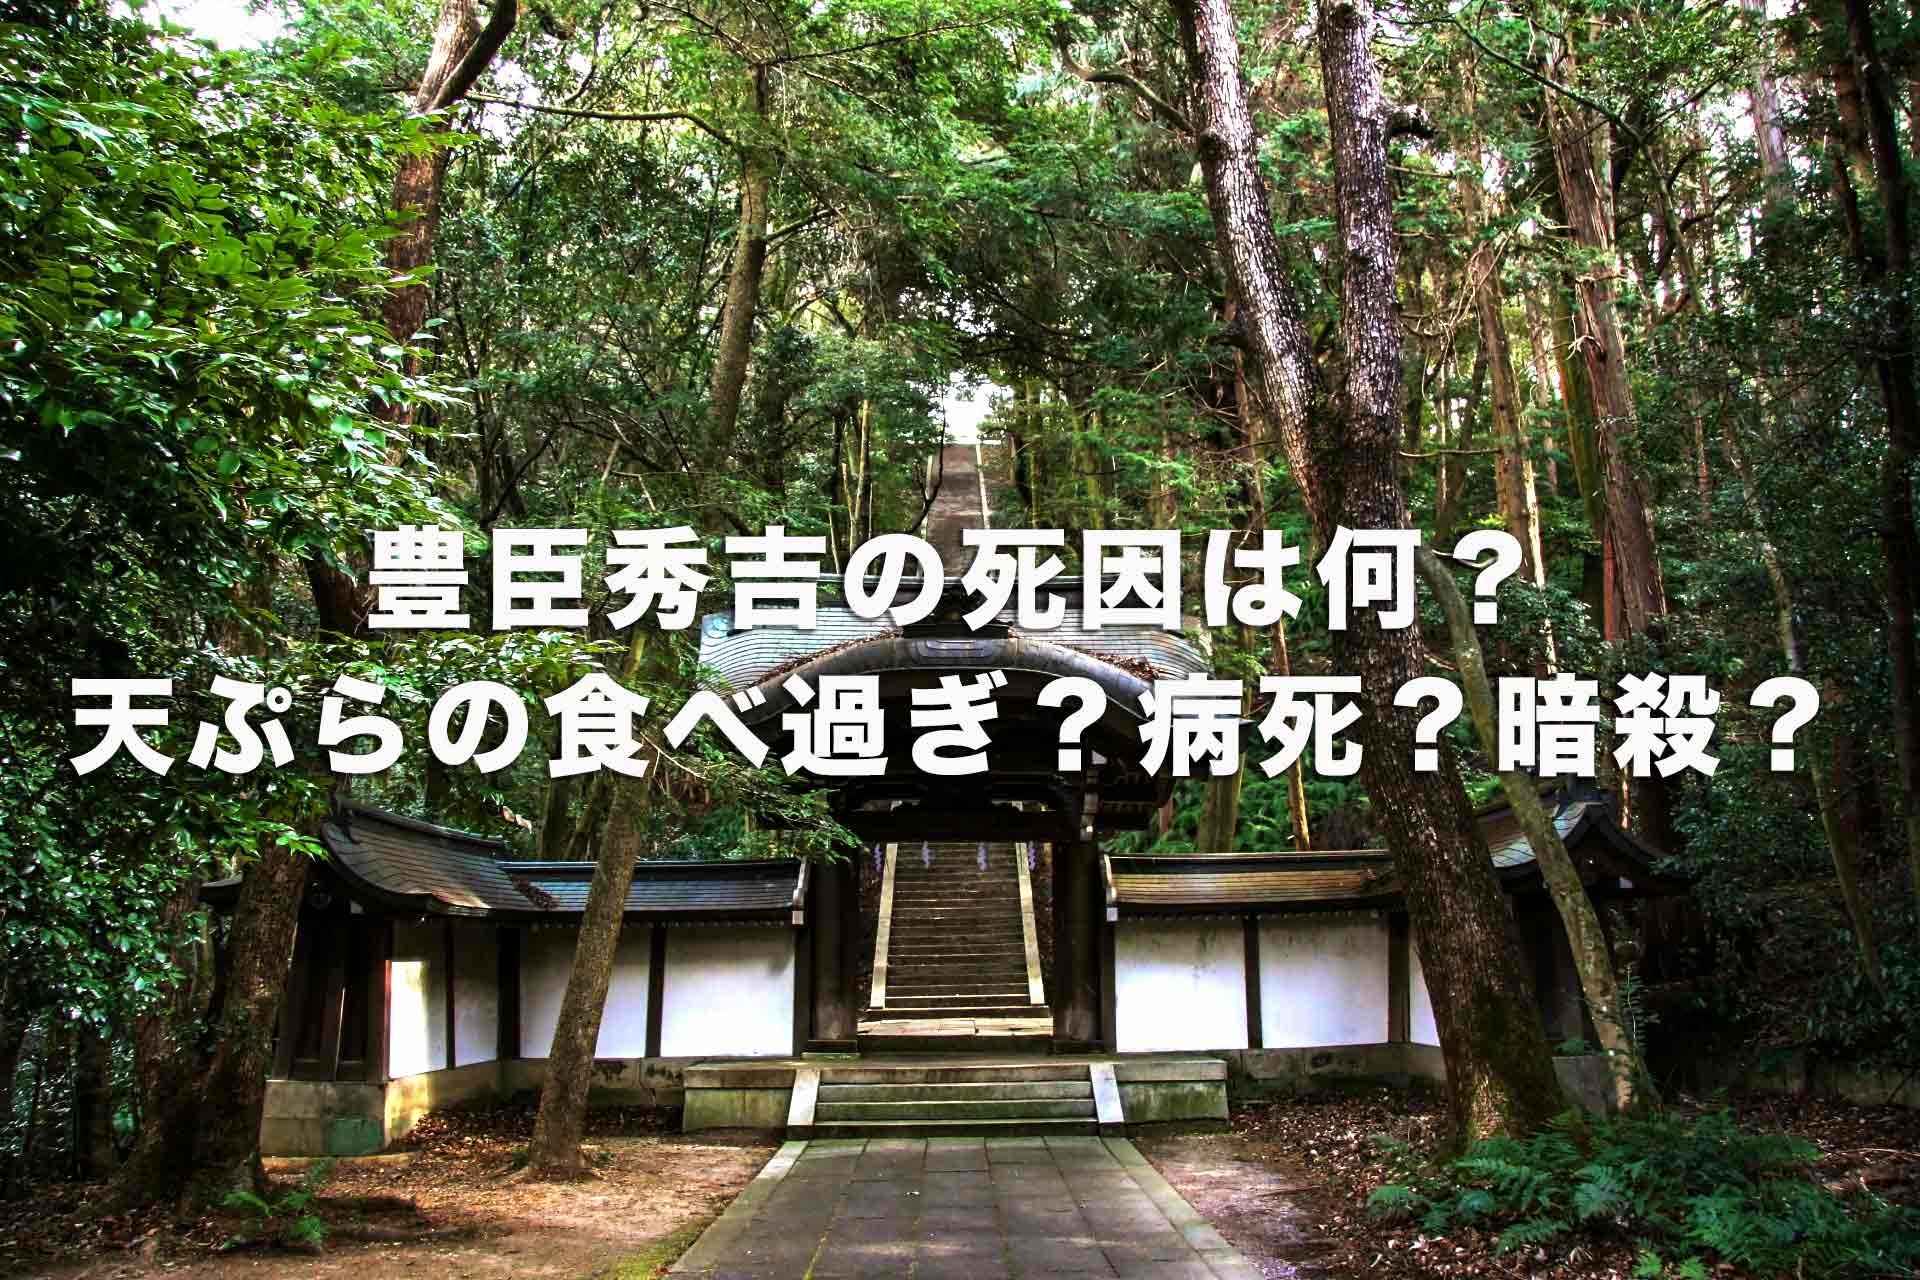 豊臣秀吉の死因は天ぷらの食べ過ぎ?病死?暗殺?晩年はどう過ごした?最後は?